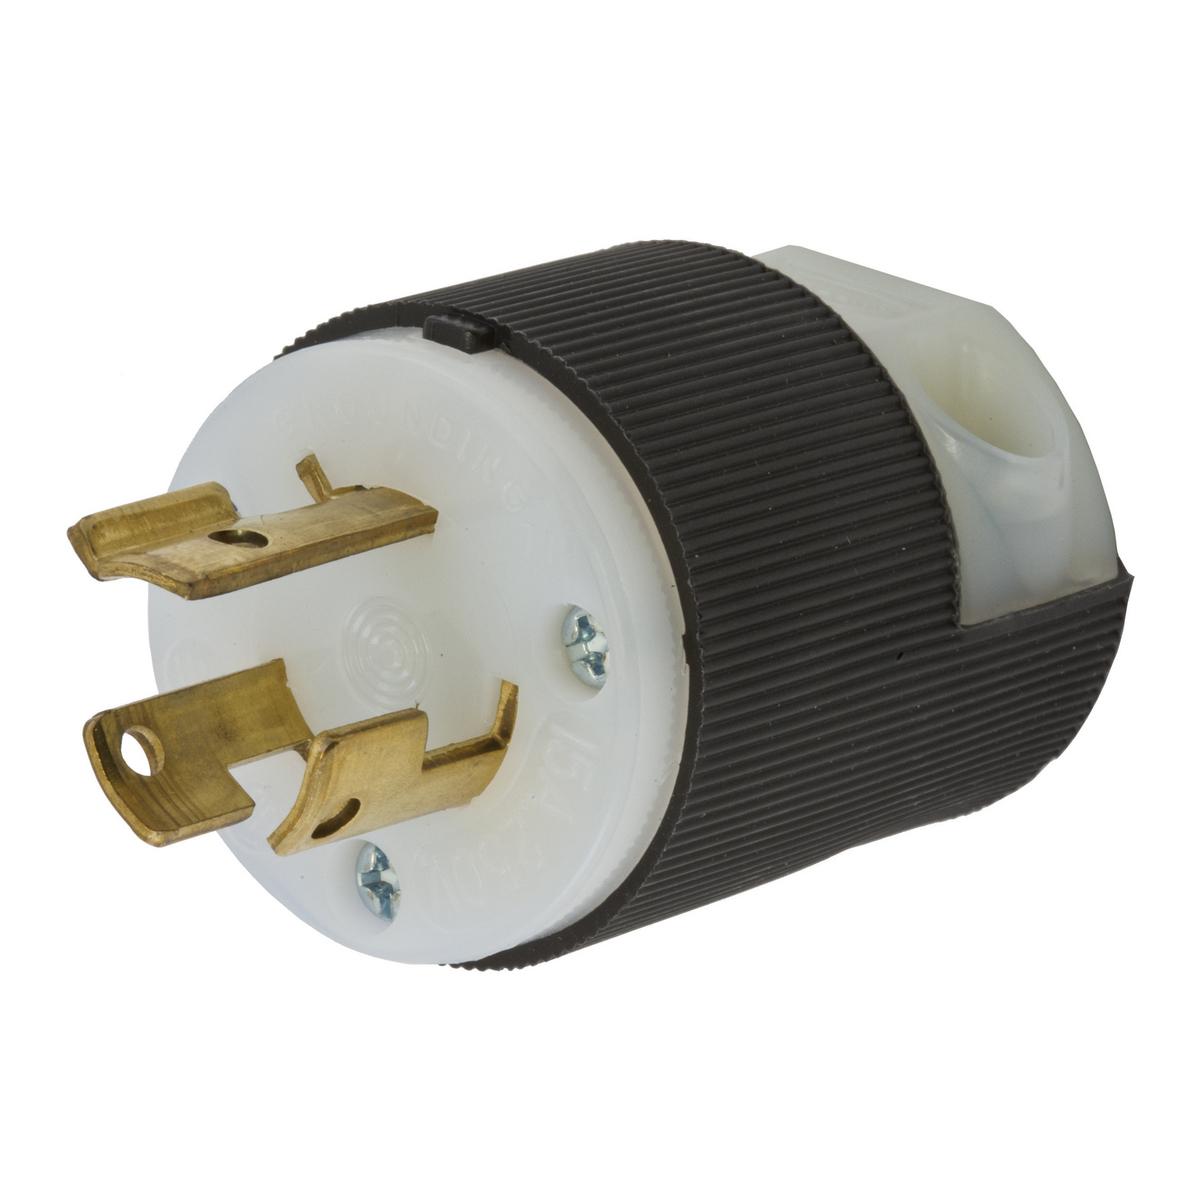 HUBHBL4570C LKG PLUG, 15A 250V, L6-15P, B/W ,HBL4570C, HUBBELL